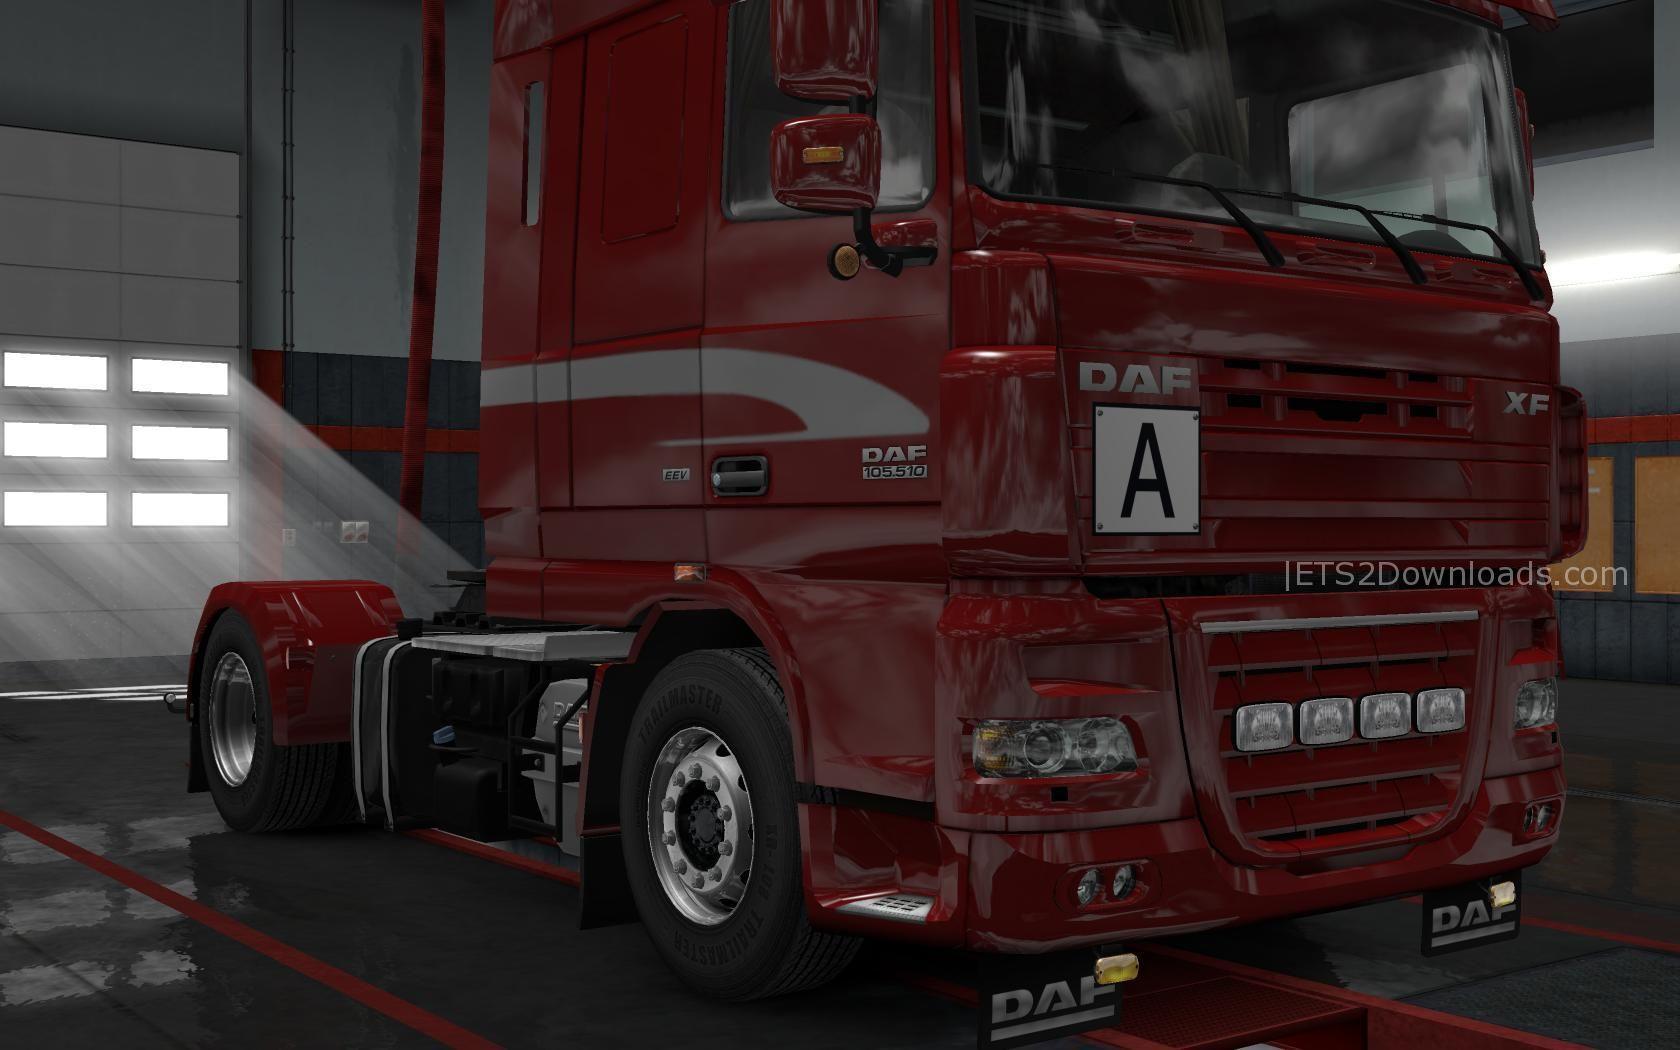 Daf Xf 105 By Vad Amp K V5 3 Ets 2 Mods Ets2downloads